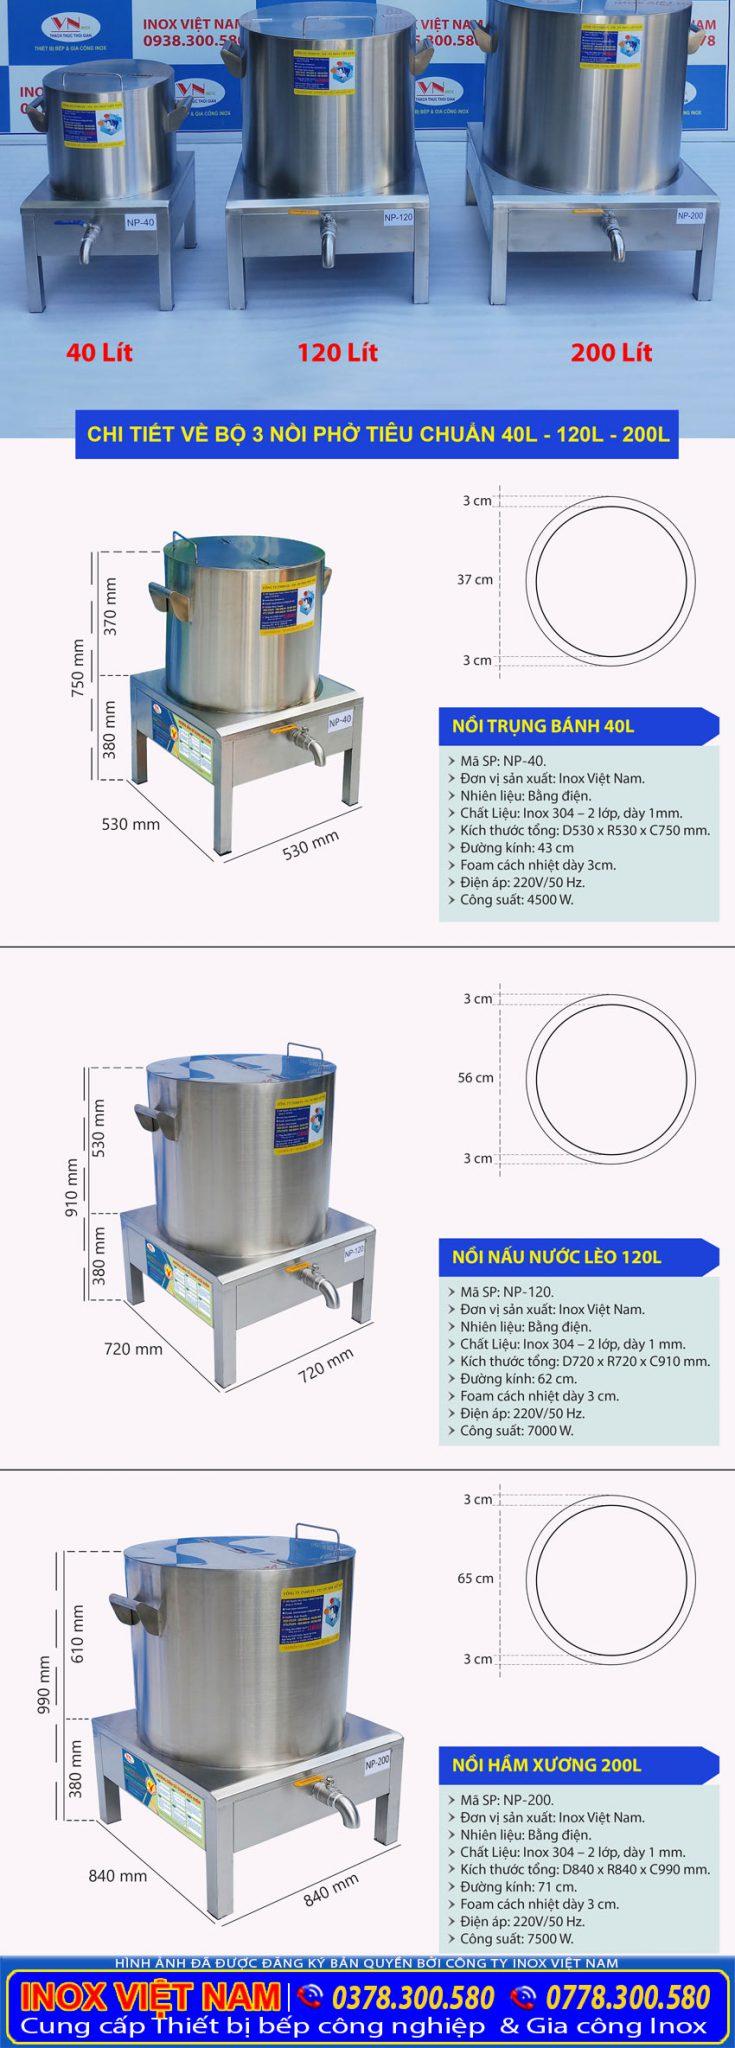 Kích thước thông số kỹ thuật bộ nồi inox nấu phở bằng điện 40L – 120L – 200L.